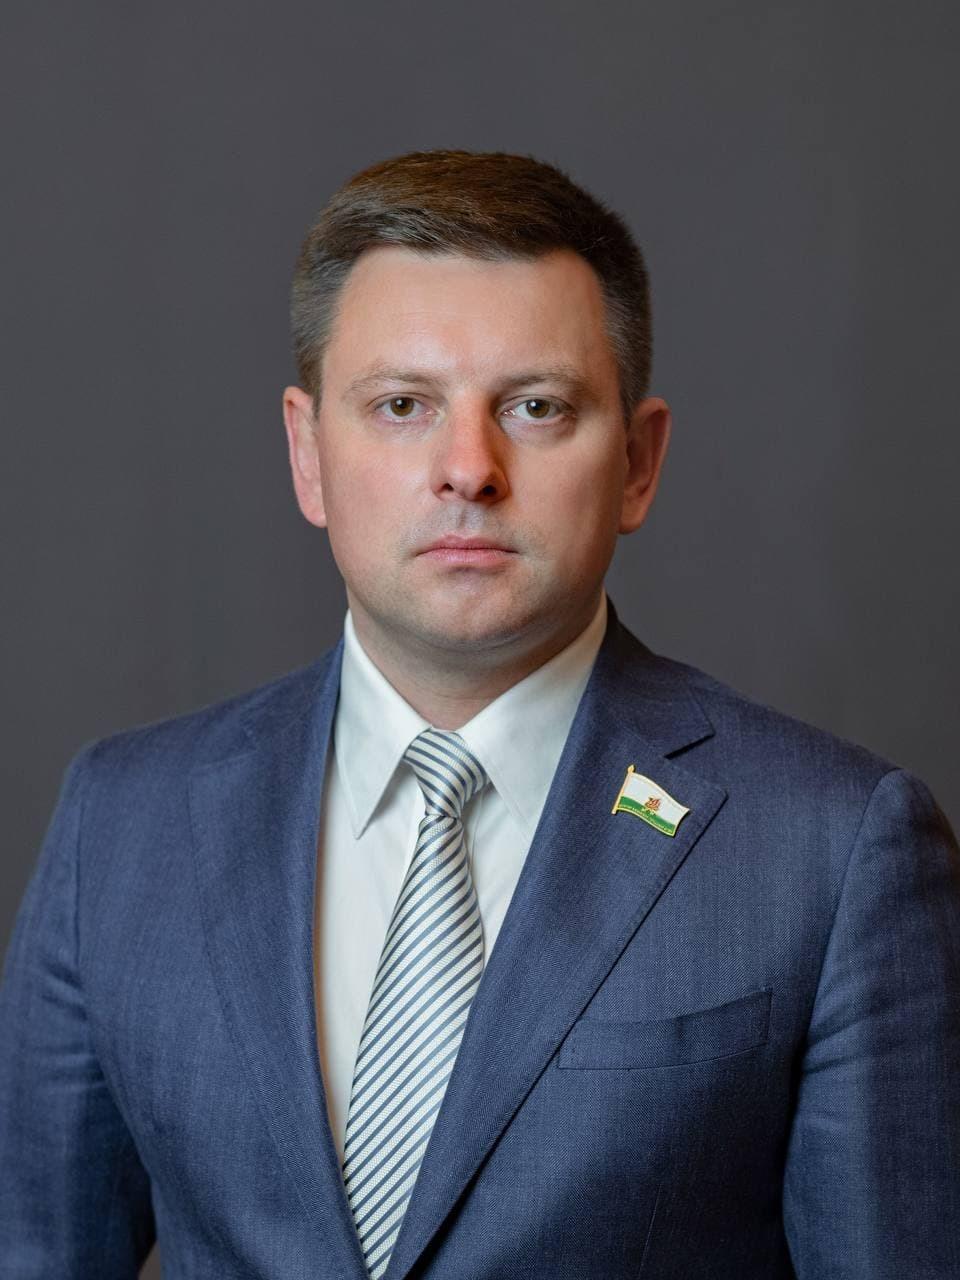 Климов Ефим Сергеевич, соучредитель, генеральный директор группы компаний «Эттон», депутат Казанской городской Думы